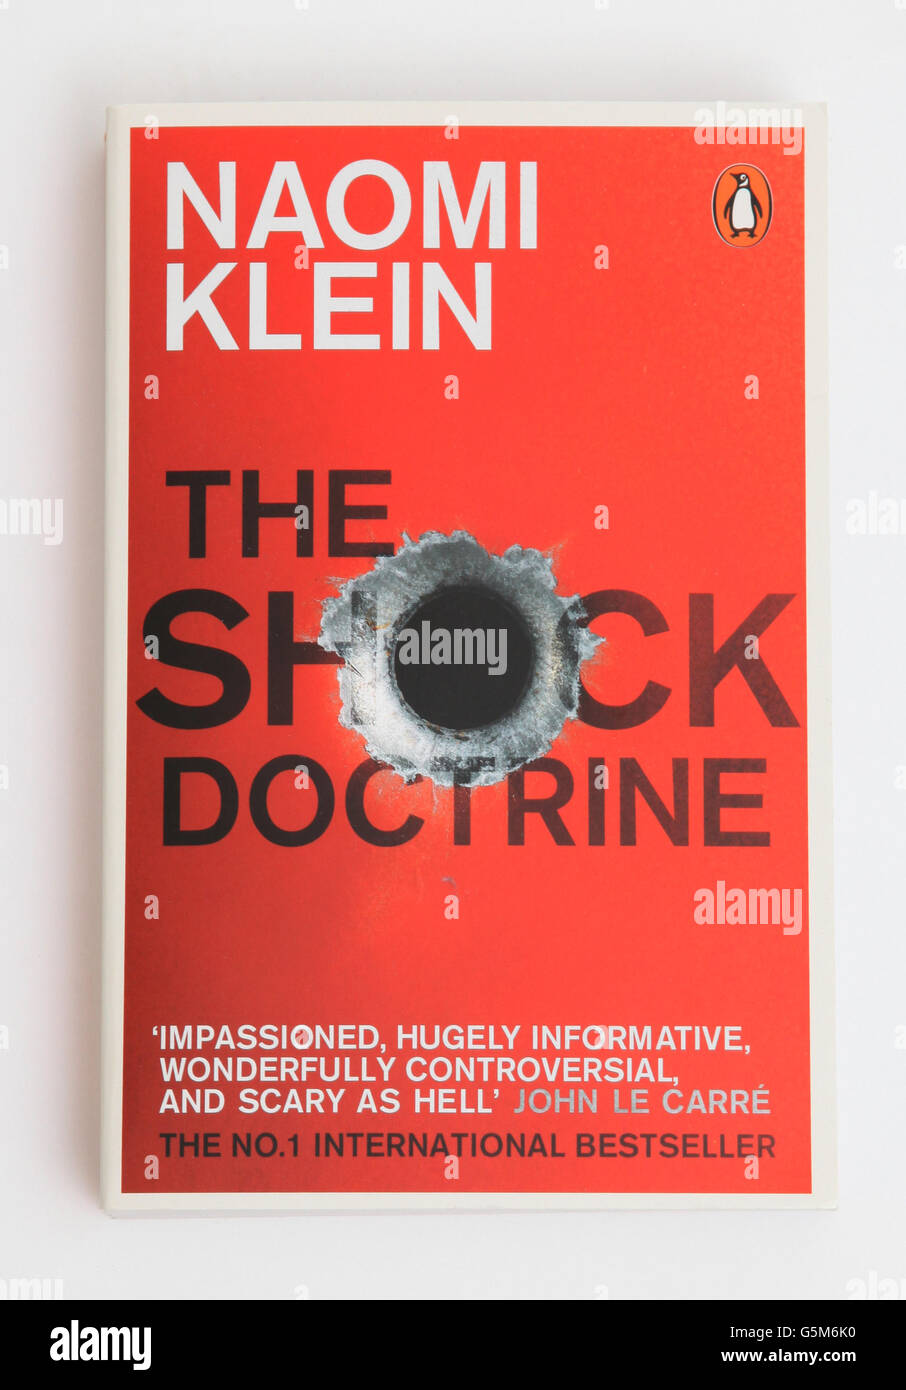 Das Buch The Shock Doctrine von Naomi Klein Stockbild